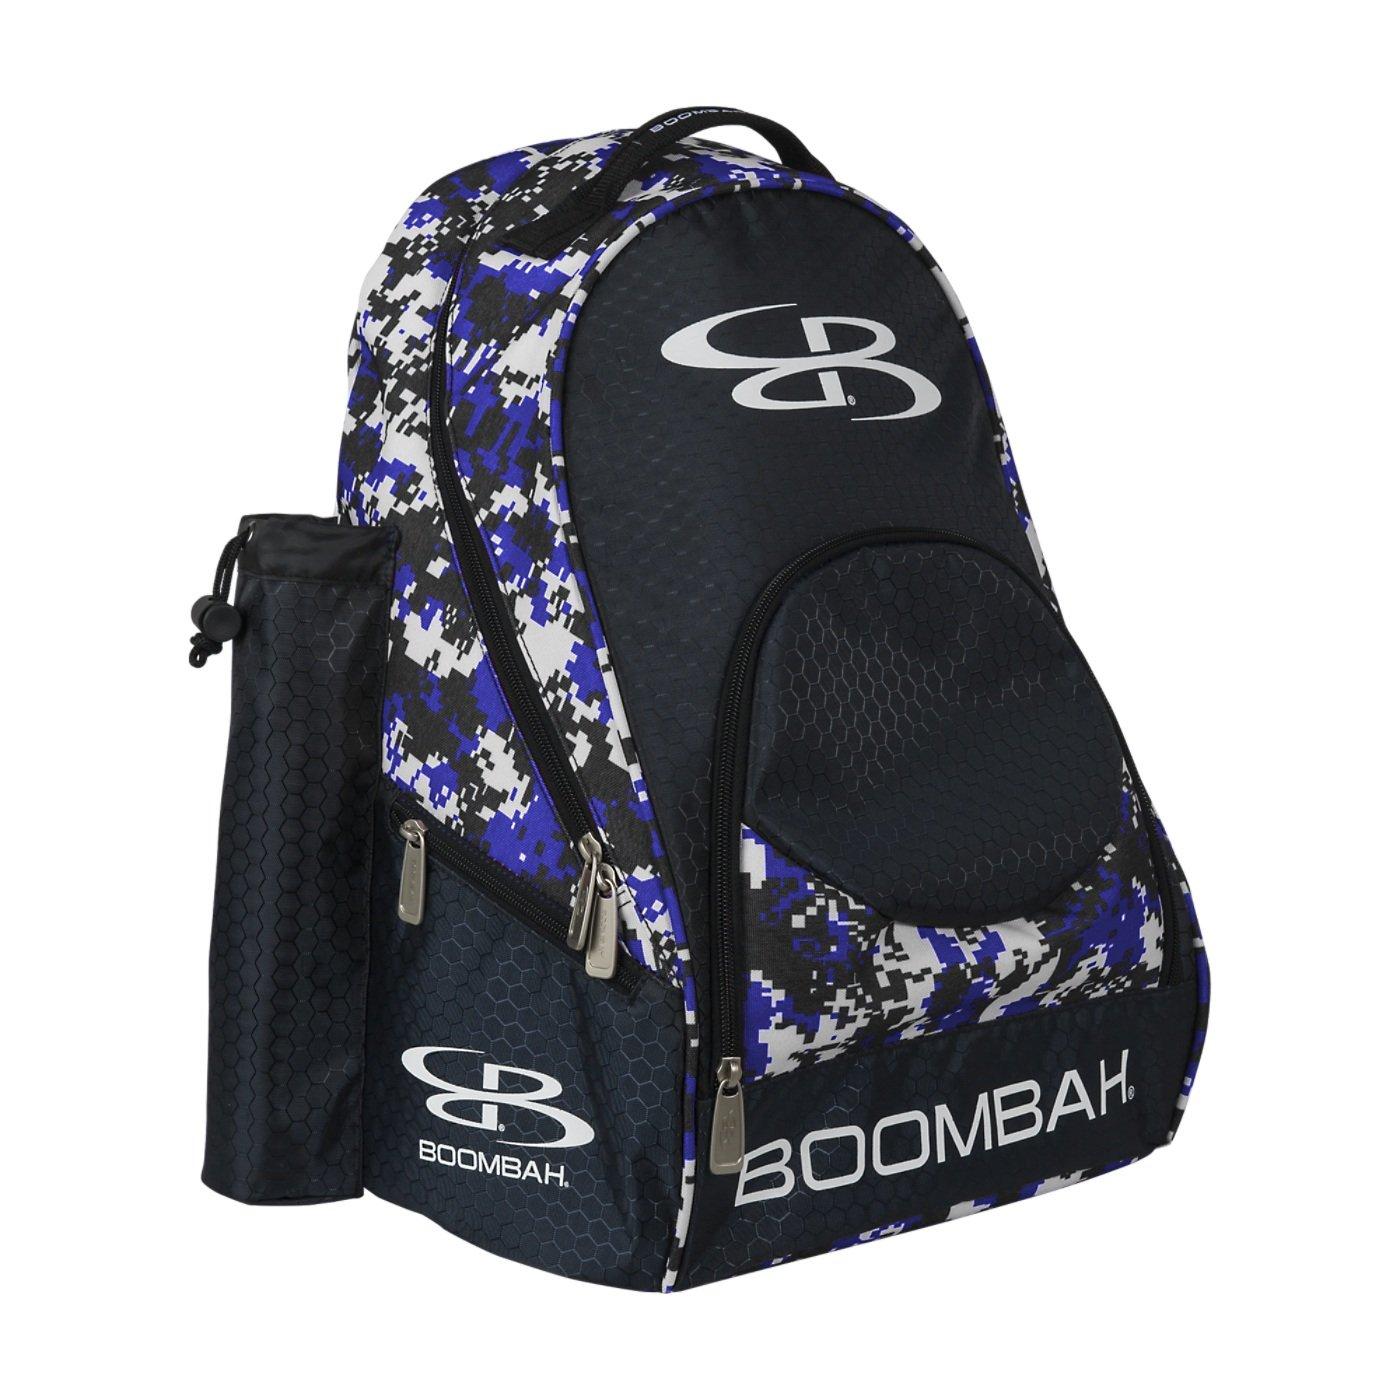 (ブームバー) Boombah Tyroシリーズ 野球/ソフトボールバットが収納できるバックパック 20x 15x10インチ 迷彩柄 20色展開 2-3/4インチまでのバットを2本収納可 B01N43EP6Q ブラック/ロイヤル(royal) ブラック/ロイヤル(royal)